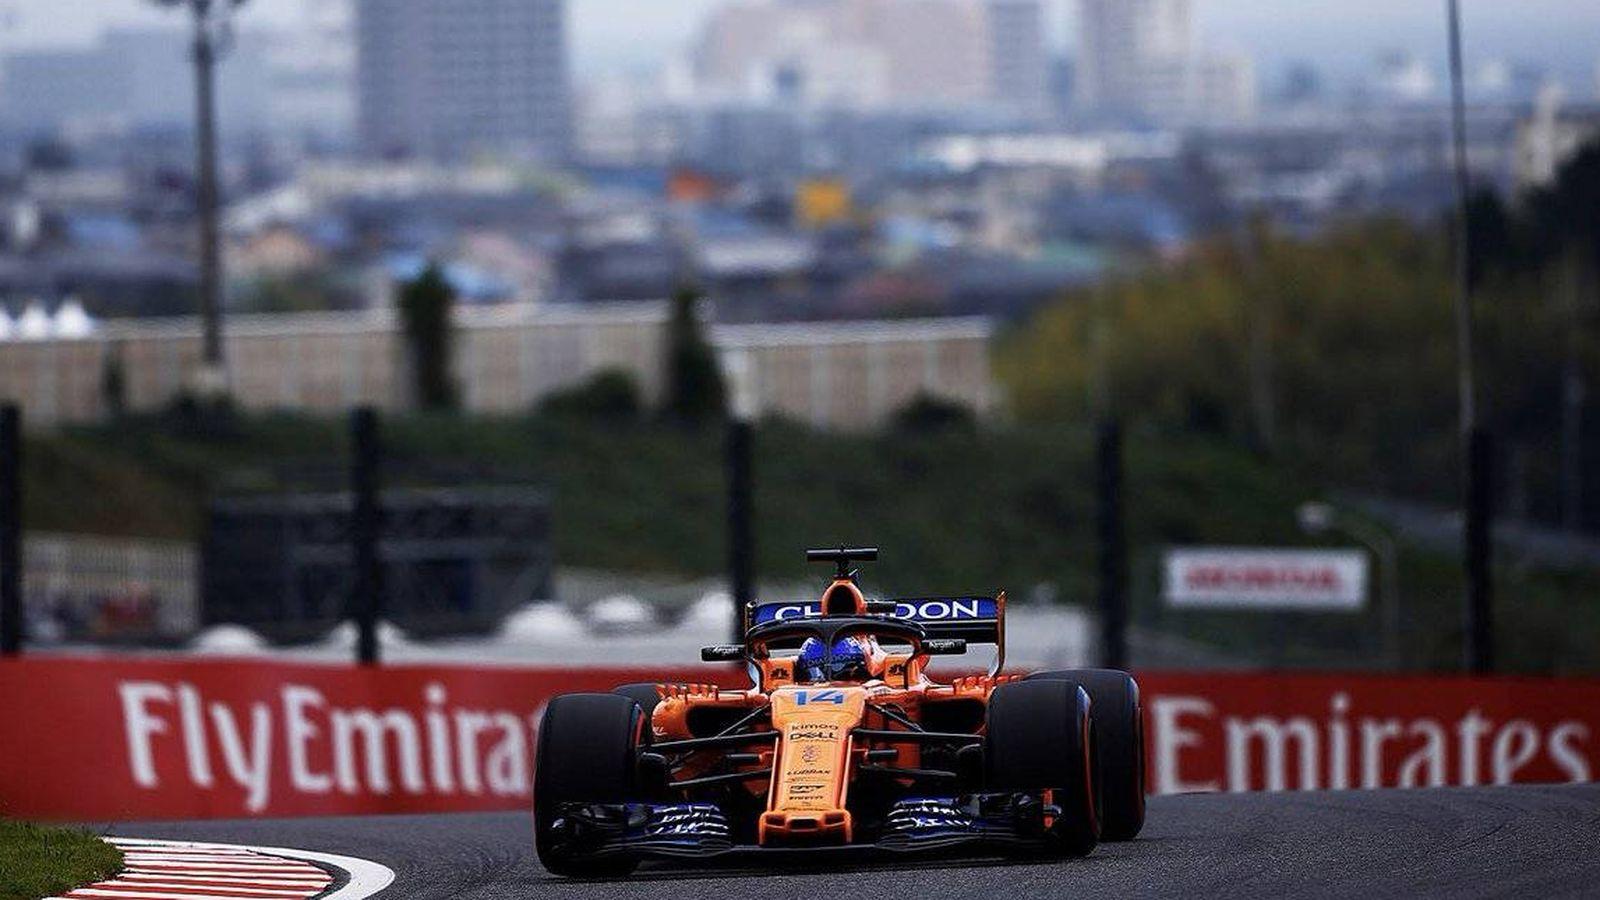 Foto: Fin de semana desastroso hasta el momento para los dos monoplazas de McLaren, también en los entrenamientos clasificatorios. (McLaren)